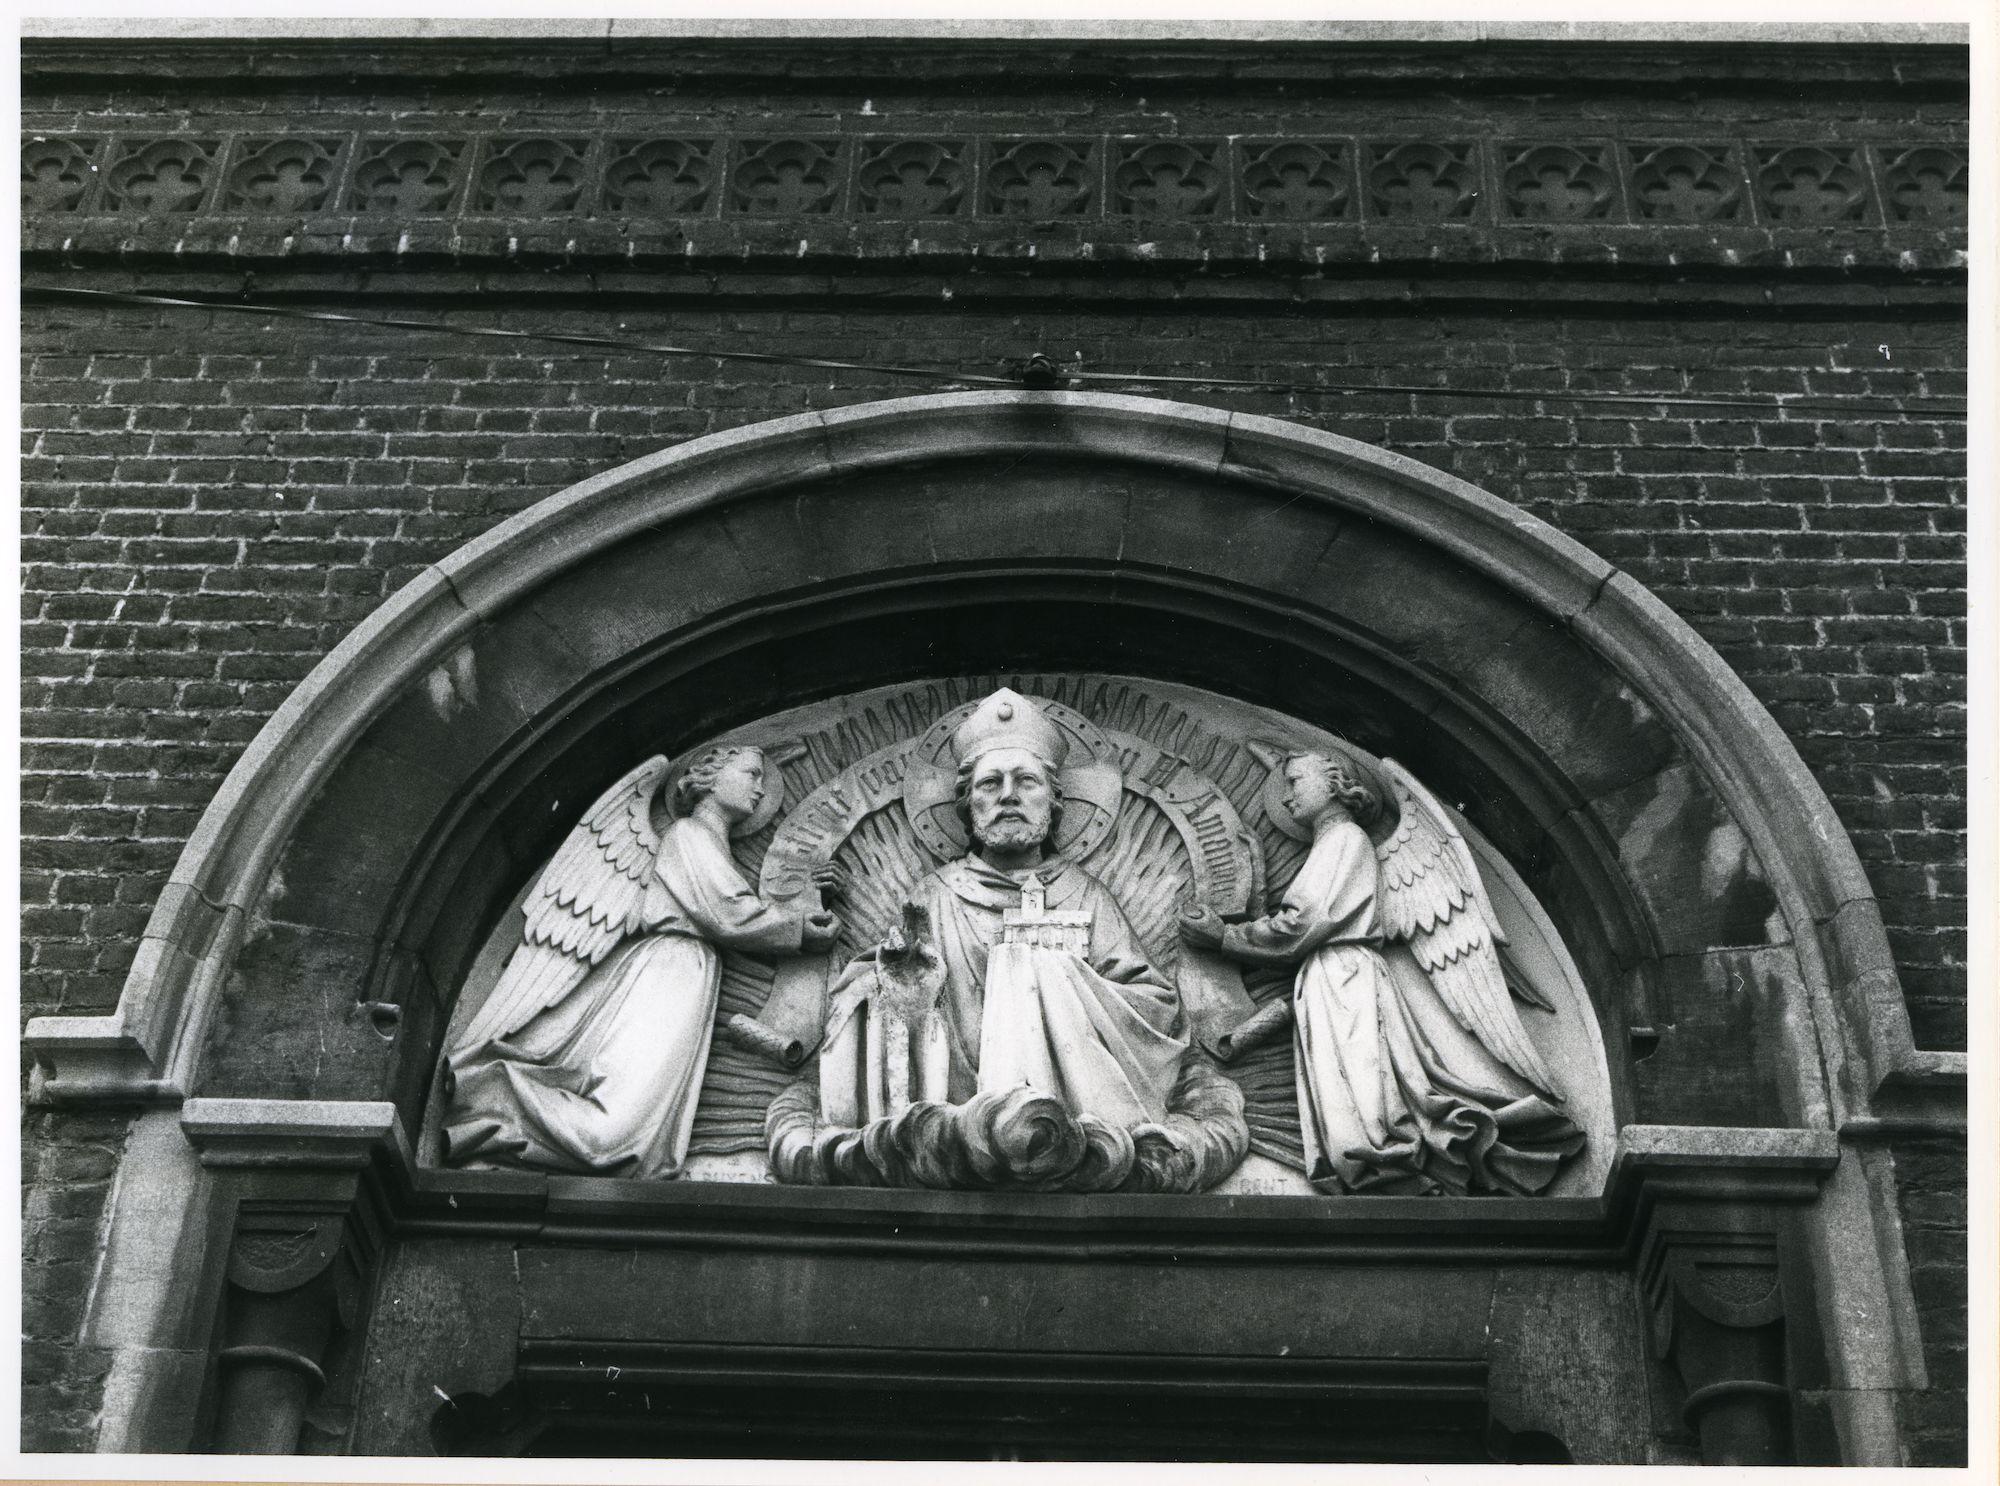 Sint-Amandsberg: Antwerpsesteenweg: Beeldhouwwerk, 1980